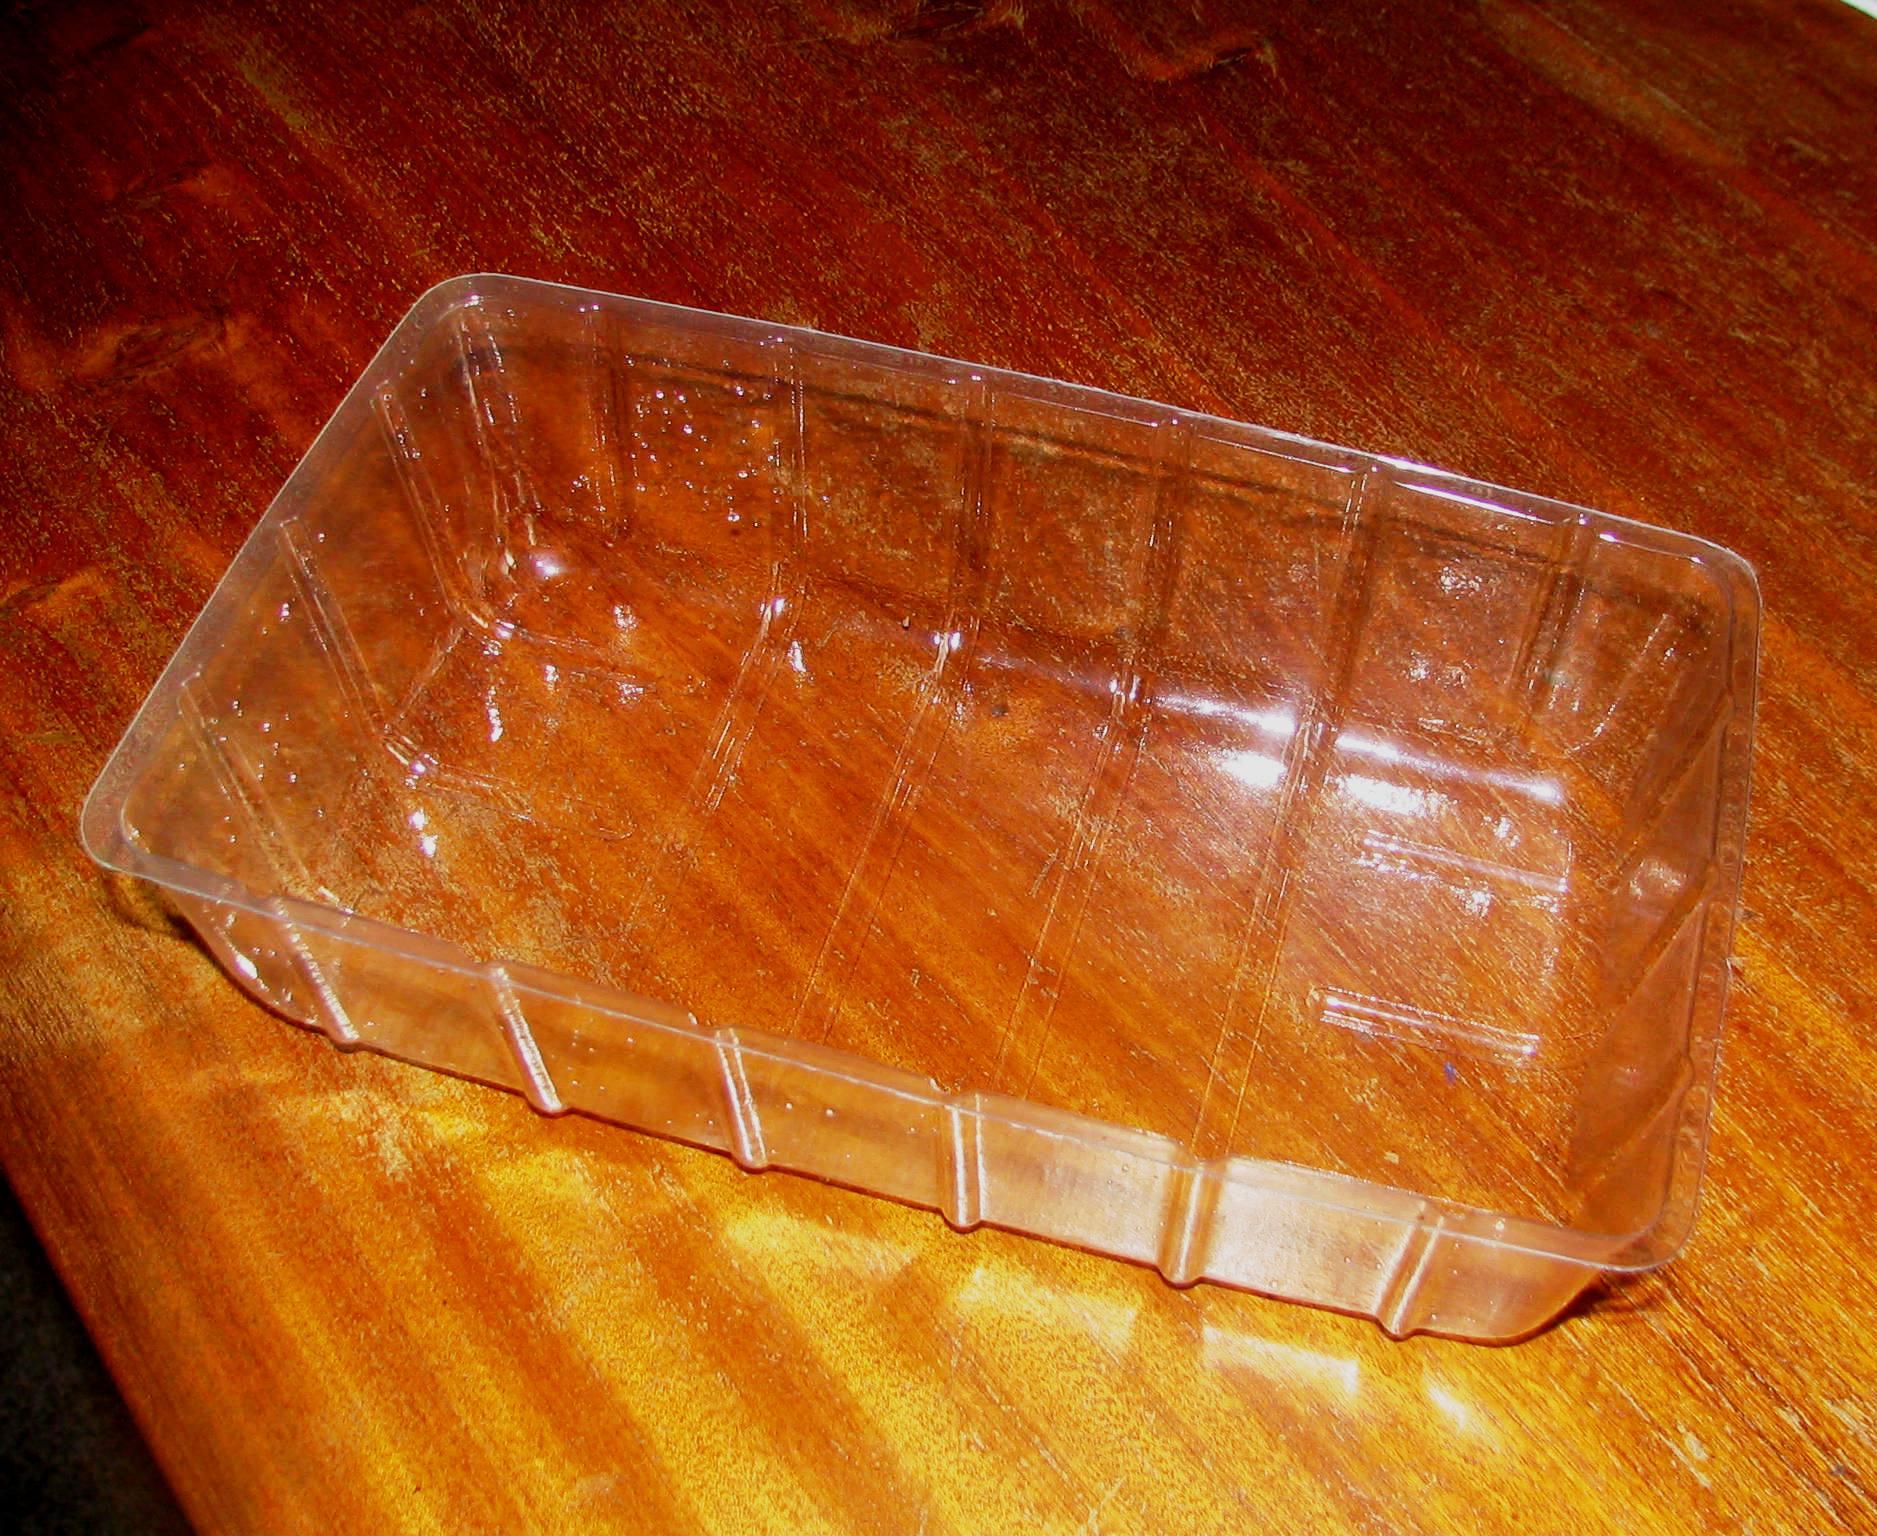 Obalové materiály na potraviny ovoce potravinářské plastové obaly